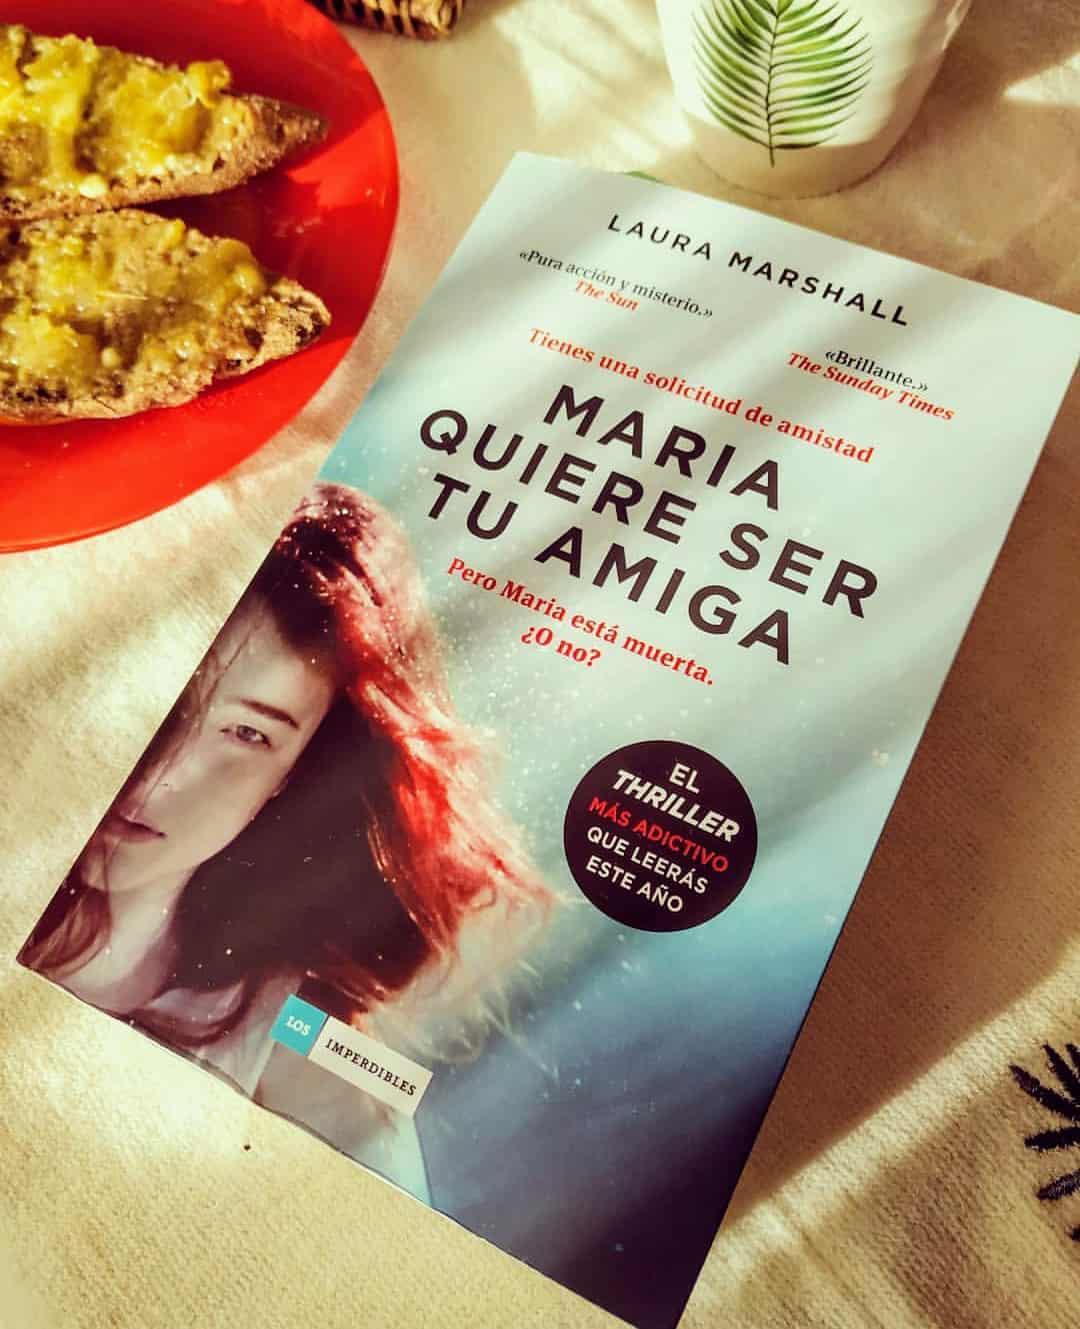 MARIA QUIERE SER TU AMIGA, de Laura Marshall